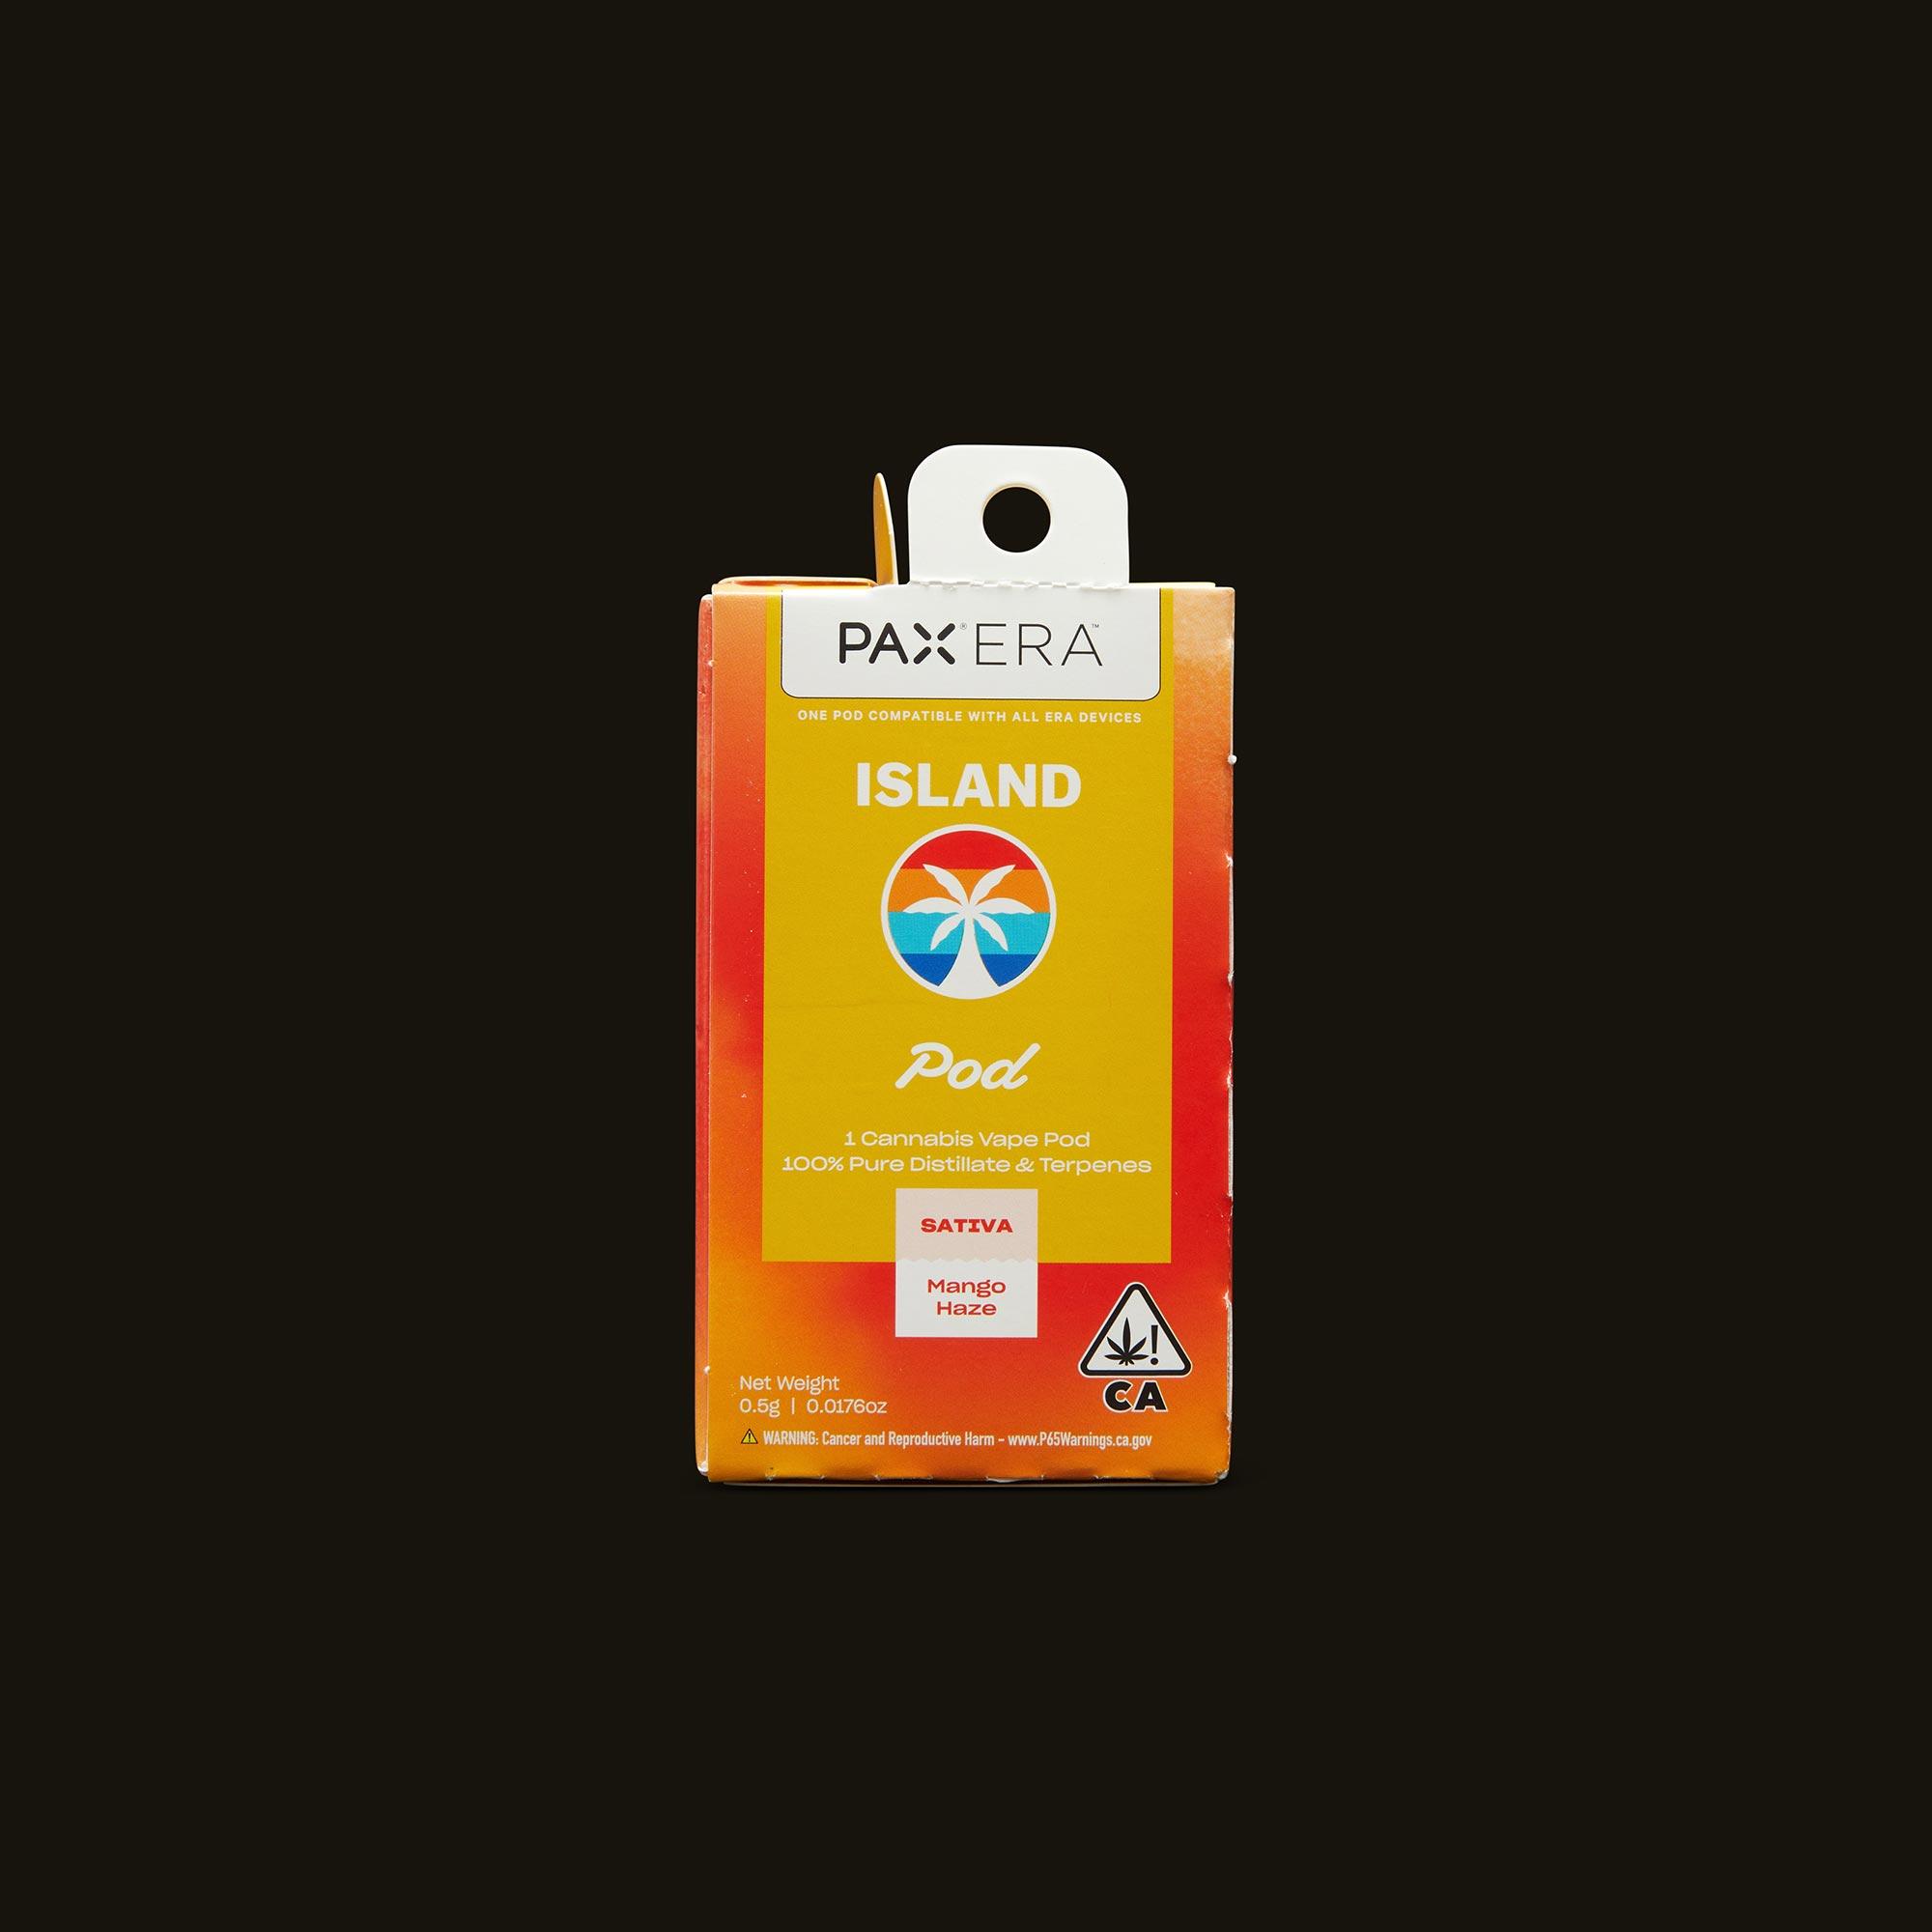 Island Mango Haze PAX Era Pod Front Packaging